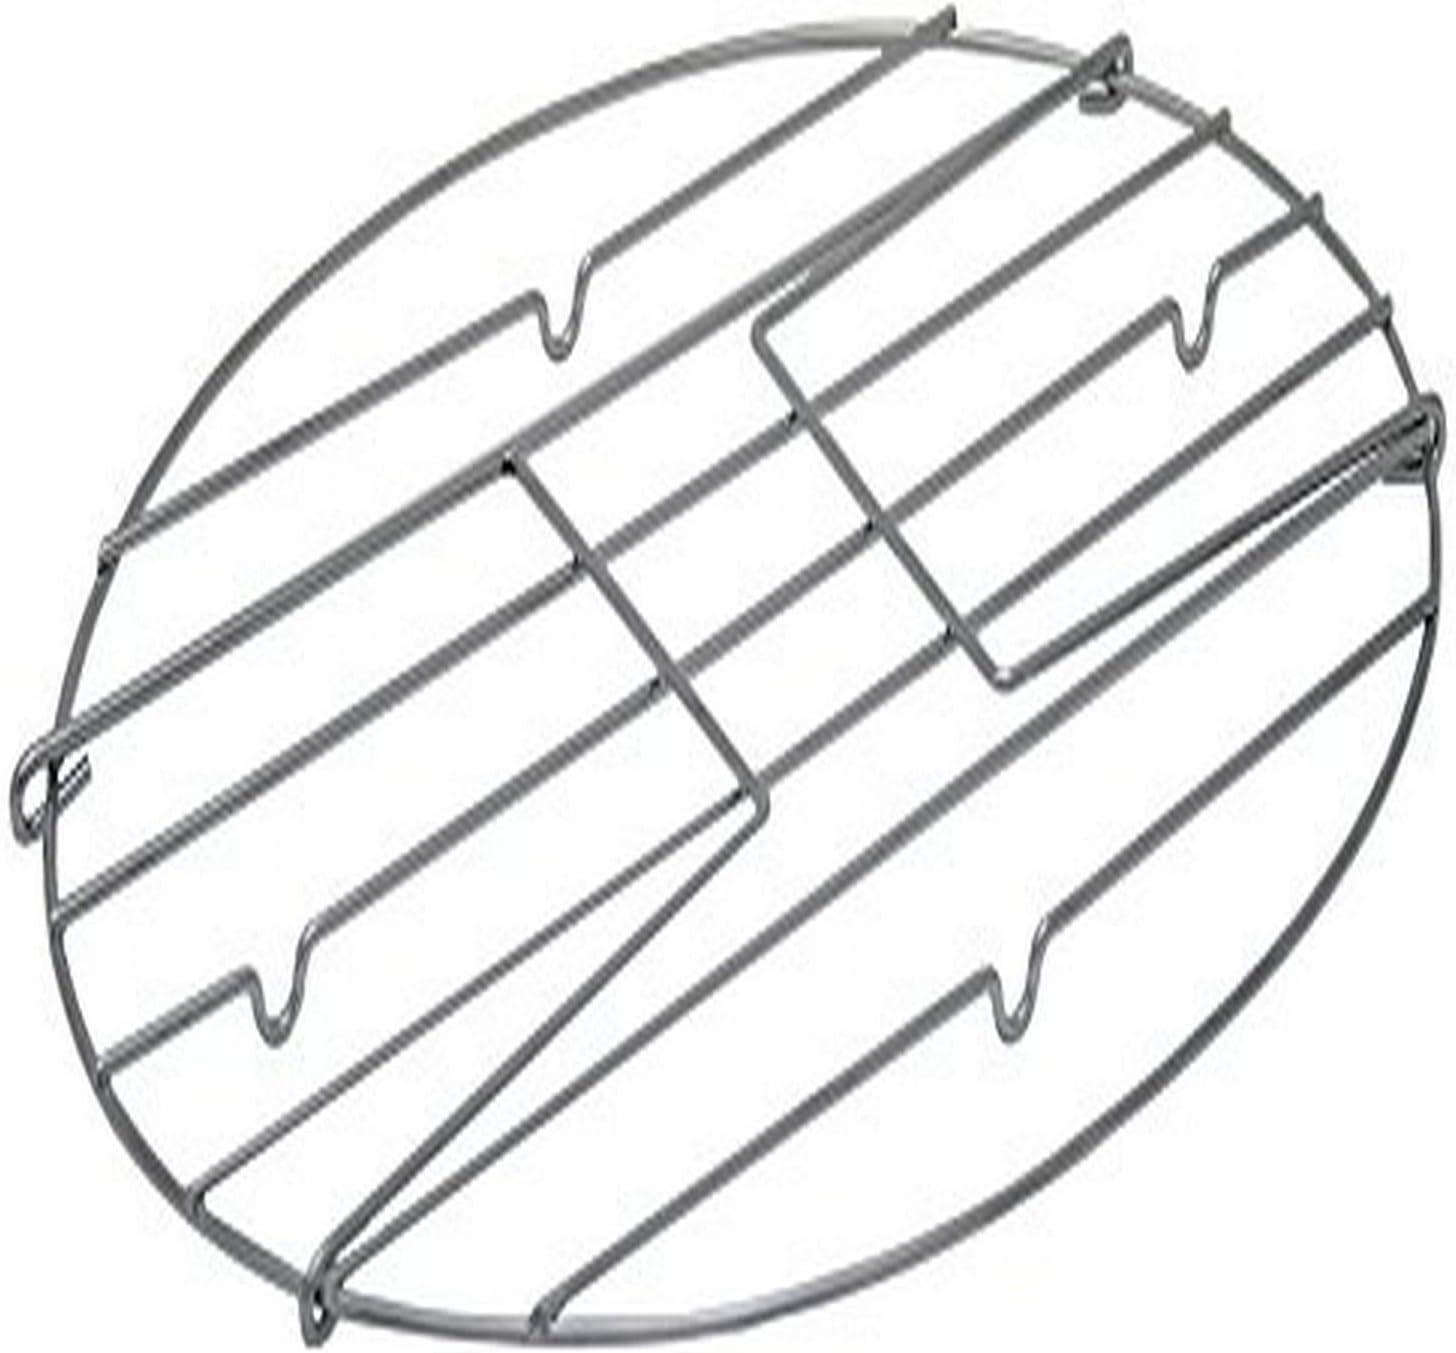 Graniteware 2006 Roasting Rack 31.5x21 cm Nickel-Plated Steel